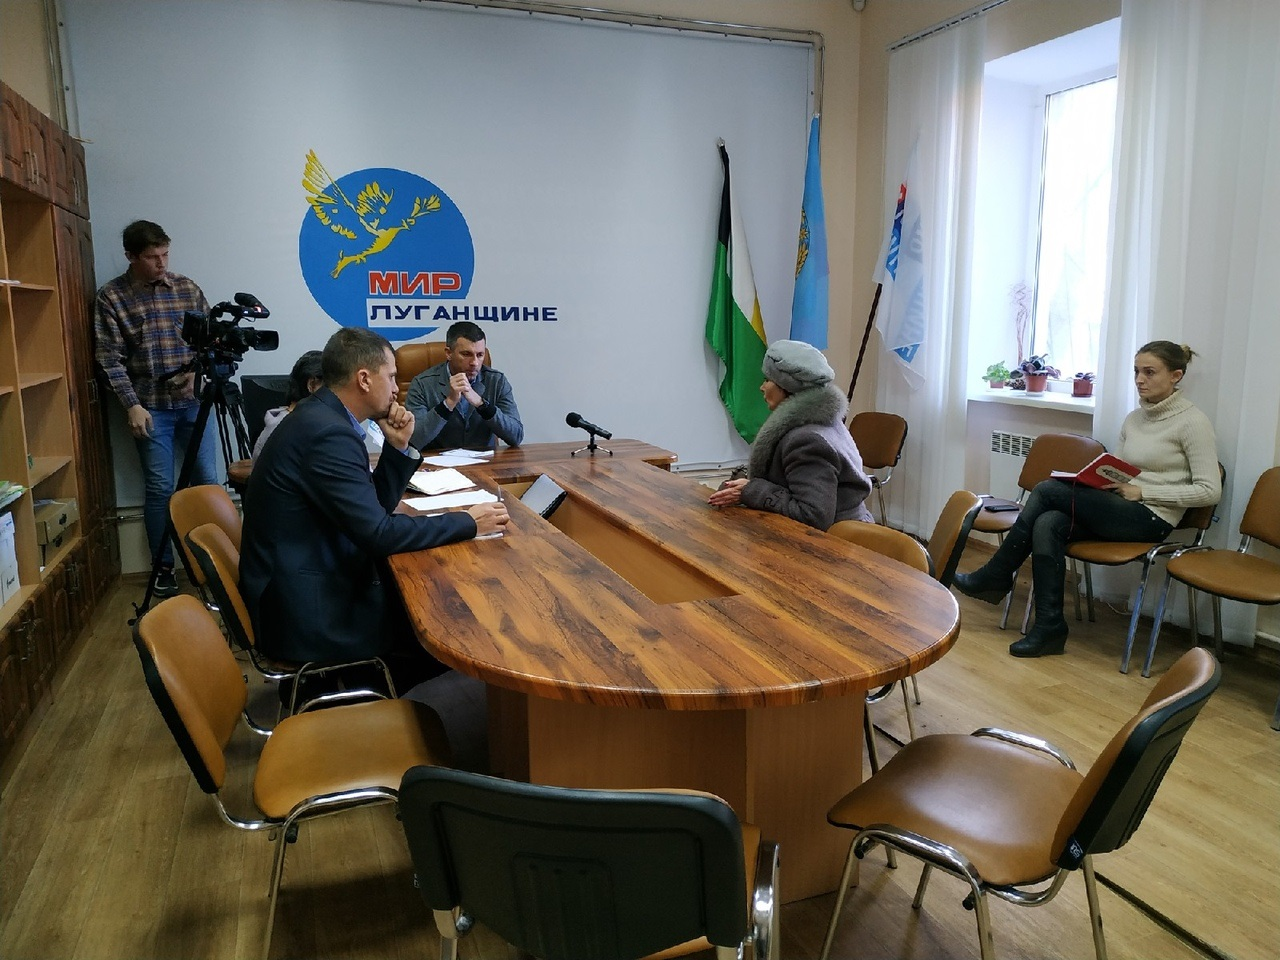 Глава Администрации города и района Андрей Сухачев провел прием граждан в Свердловске 1